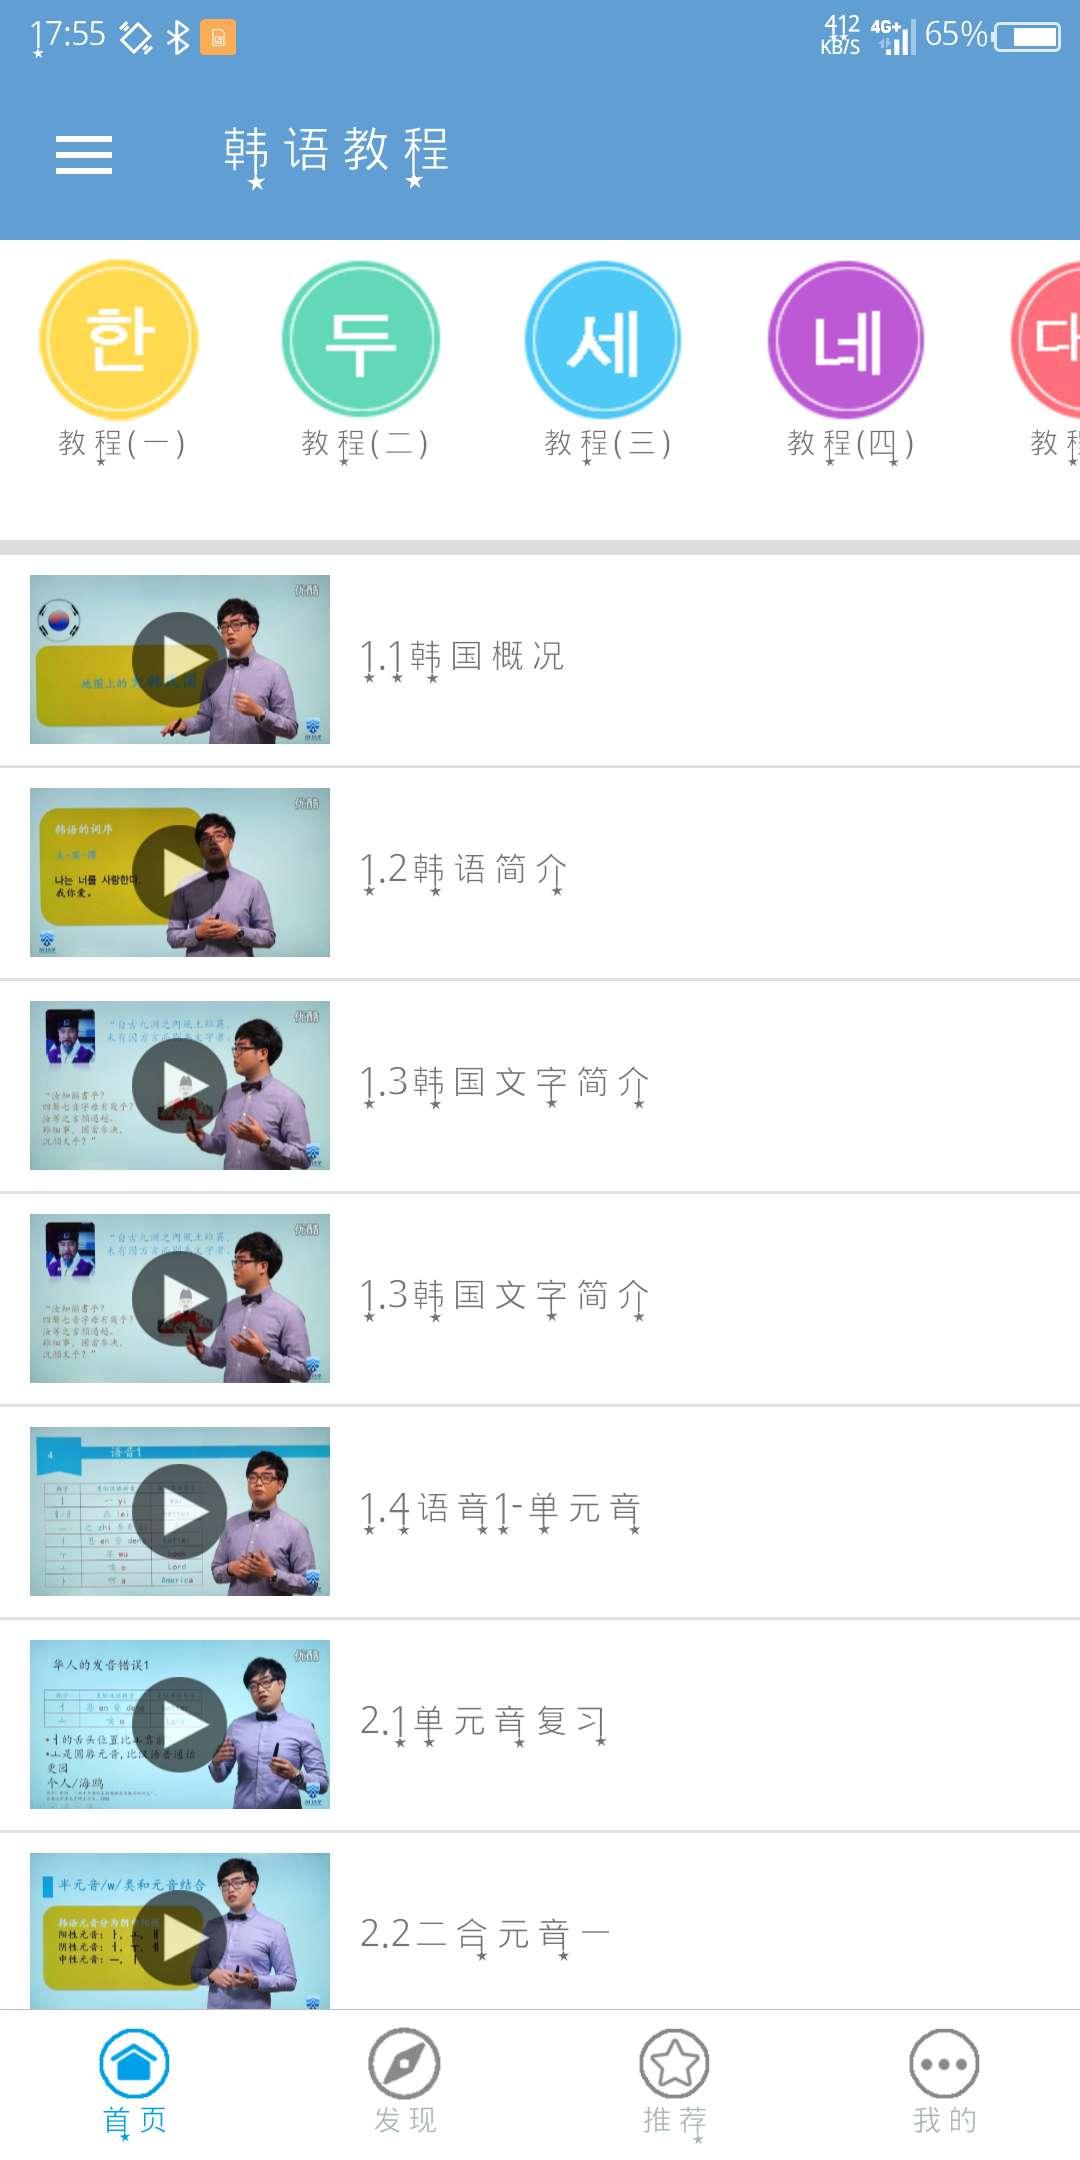 【分享】韩语教程+2.4-爱小助